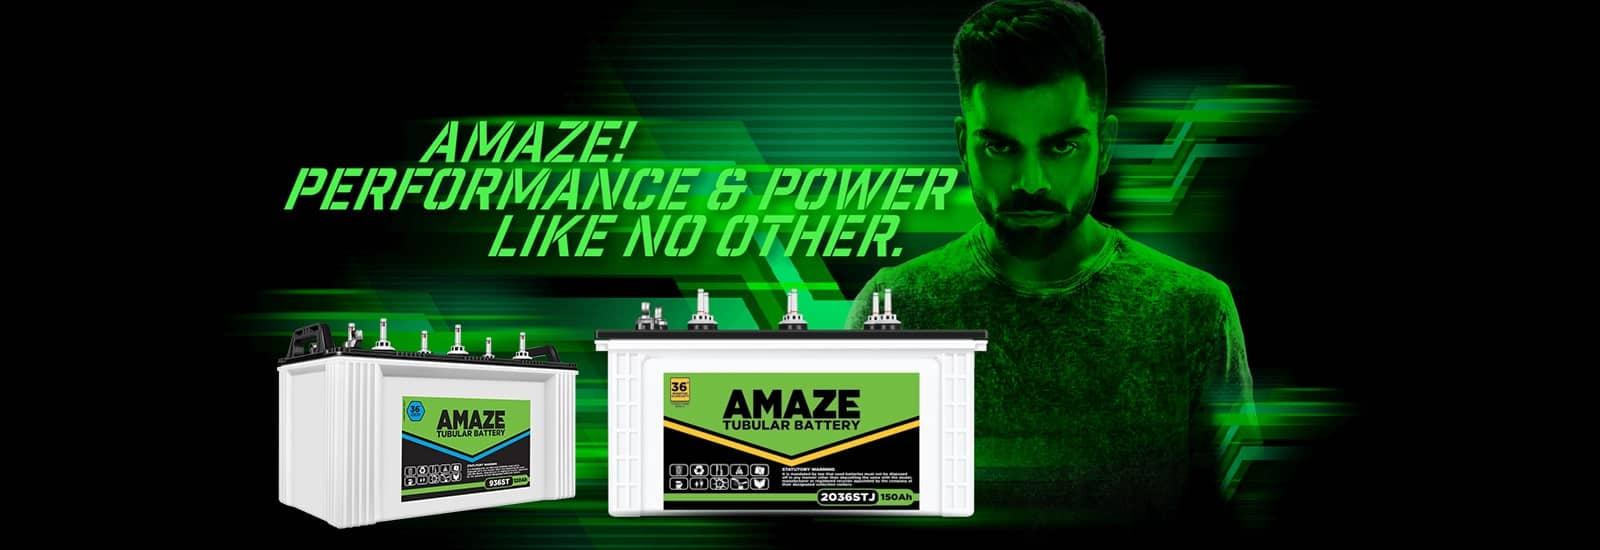 best inverter battery brand